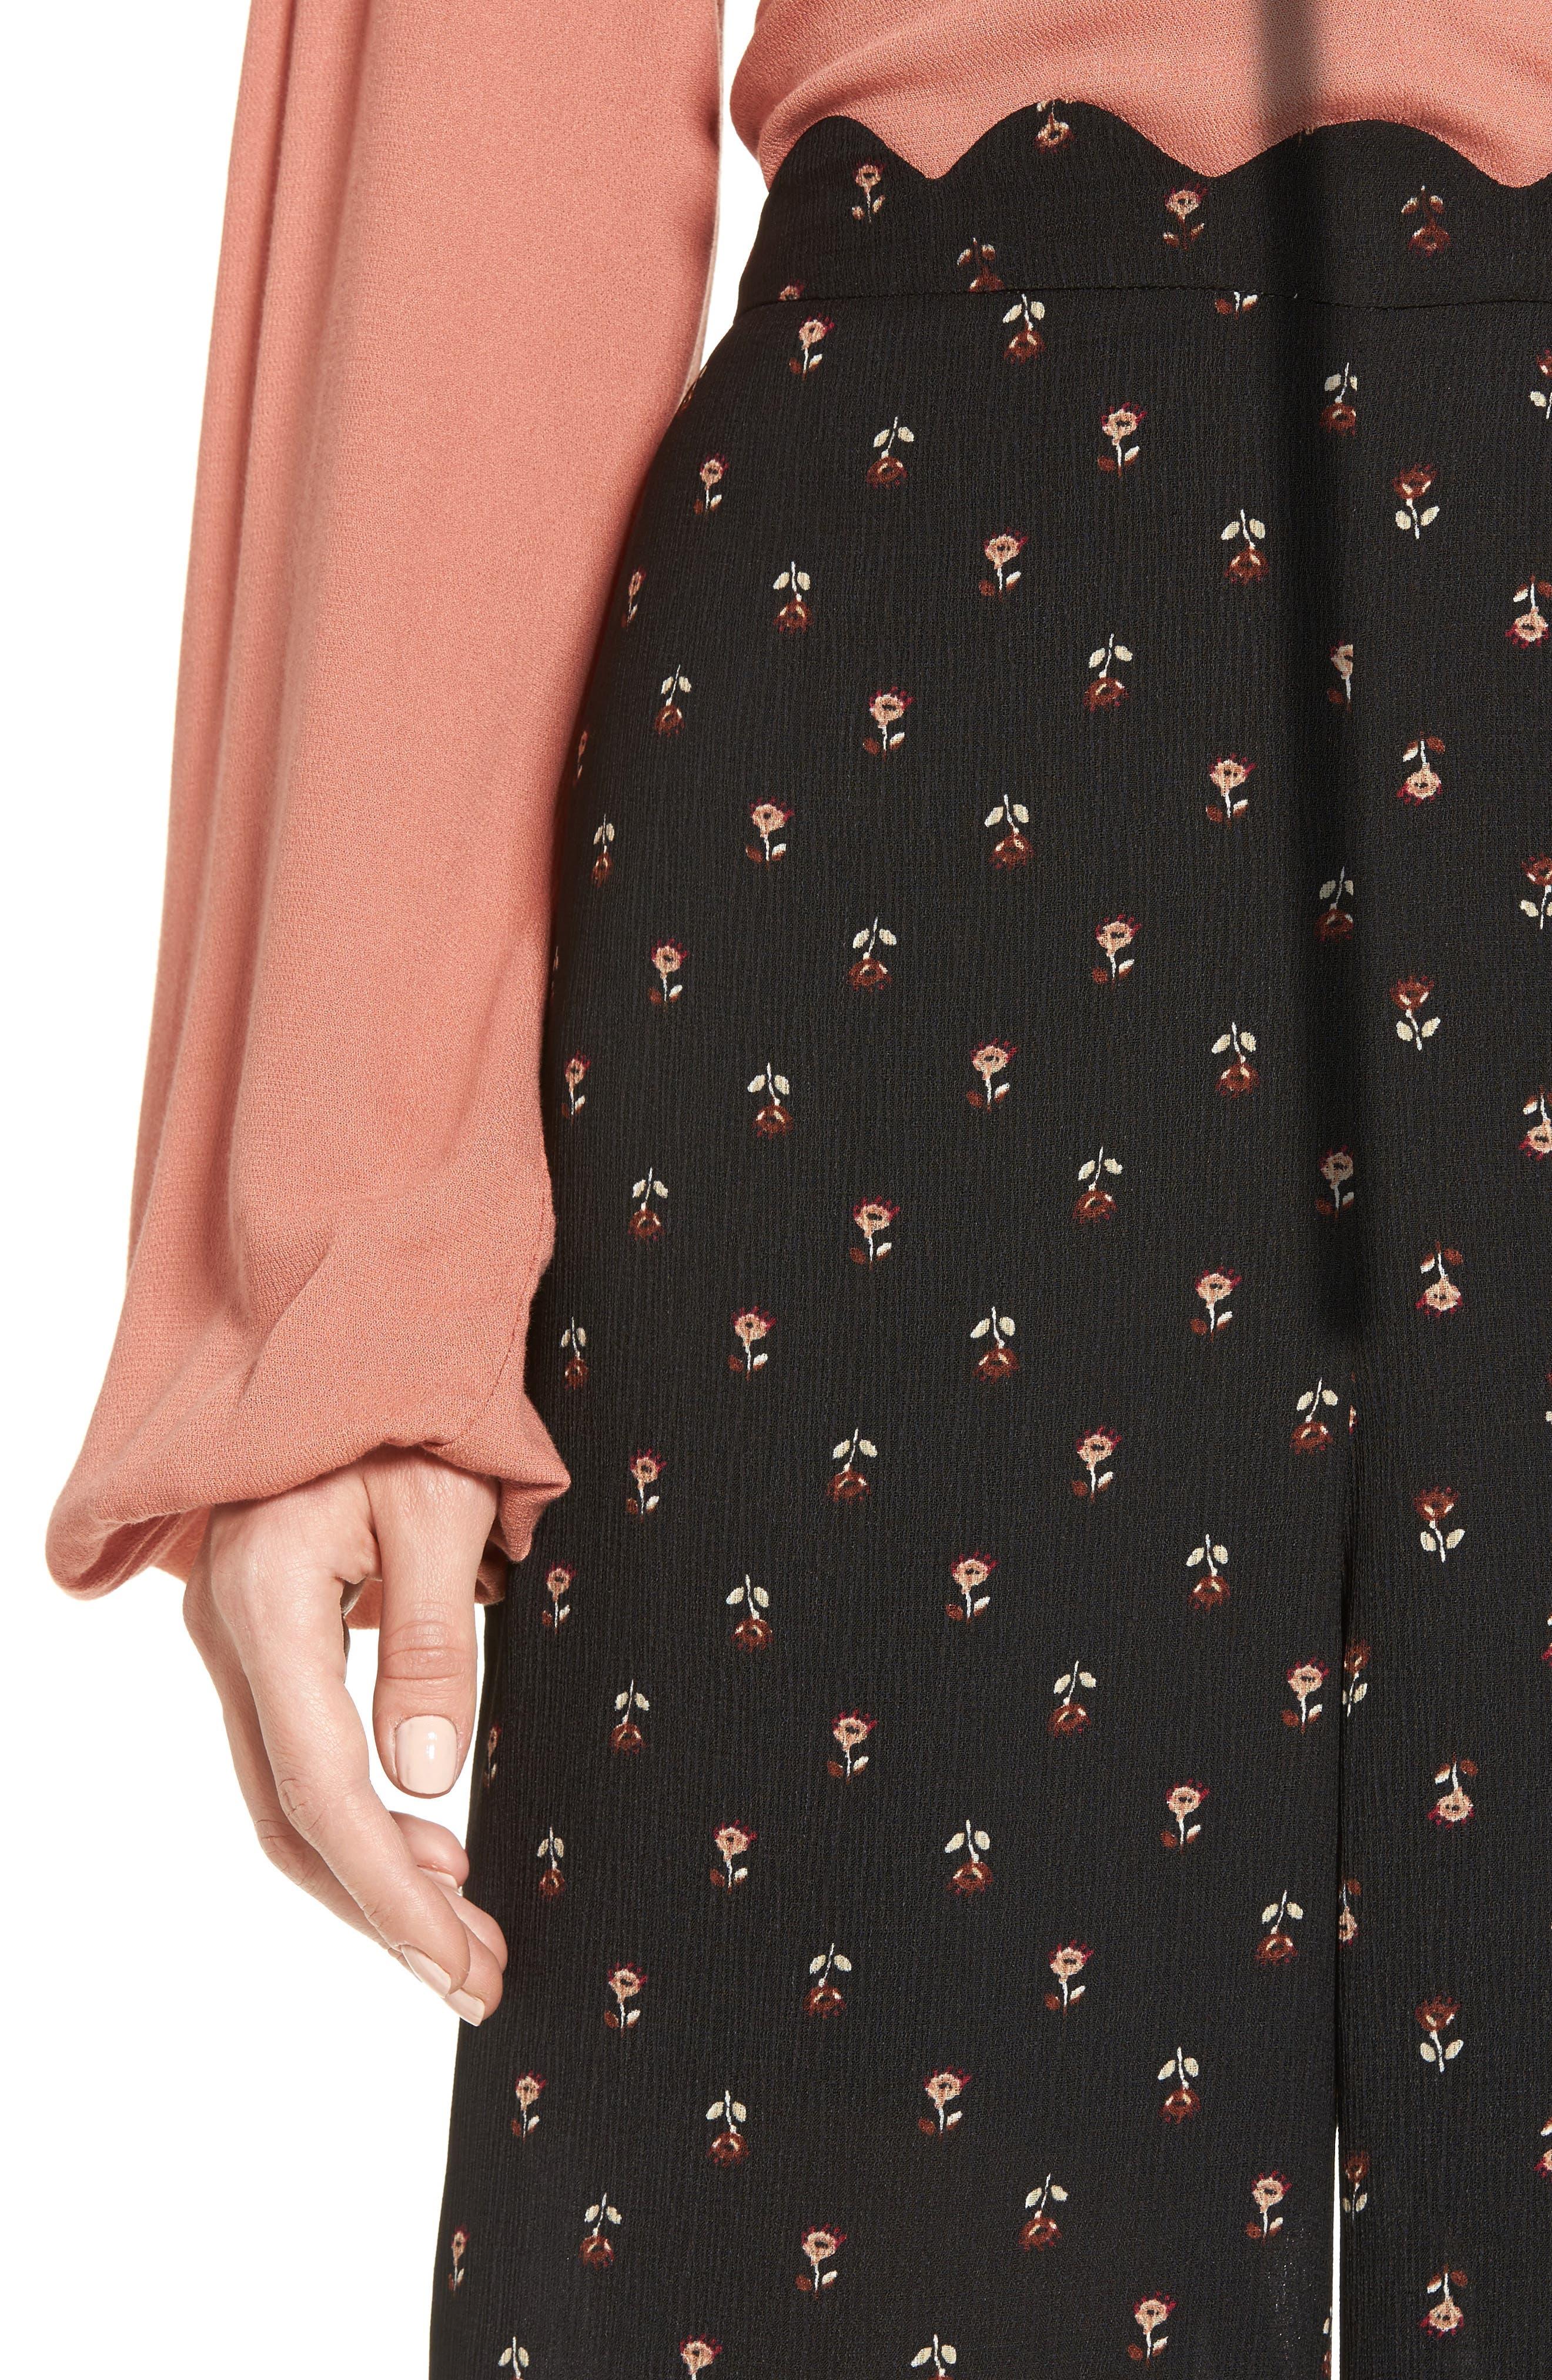 Scalloped Waist Wide Leg Crop Pants,                             Alternate thumbnail 4, color,                             Black Mini Floral